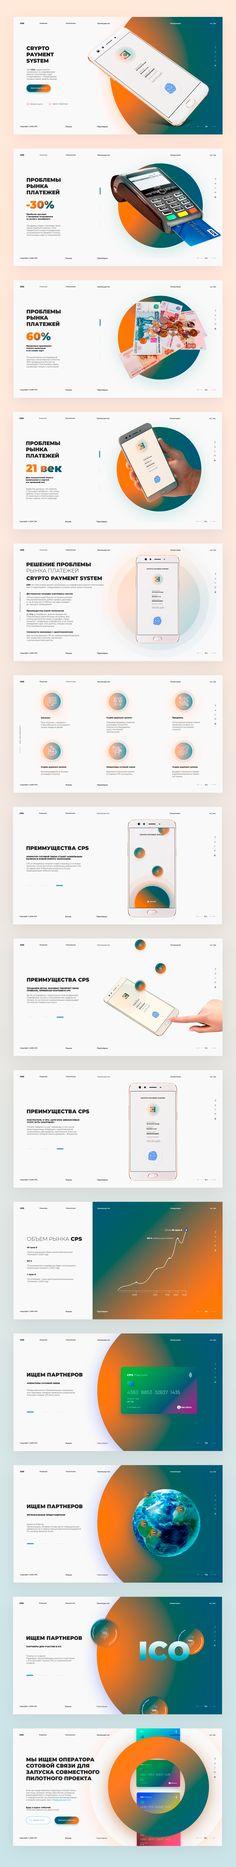 Web Design, Graphic Design, Web Layout, Presentation Design, Finance, Banner, Cash Register, App, Marketing